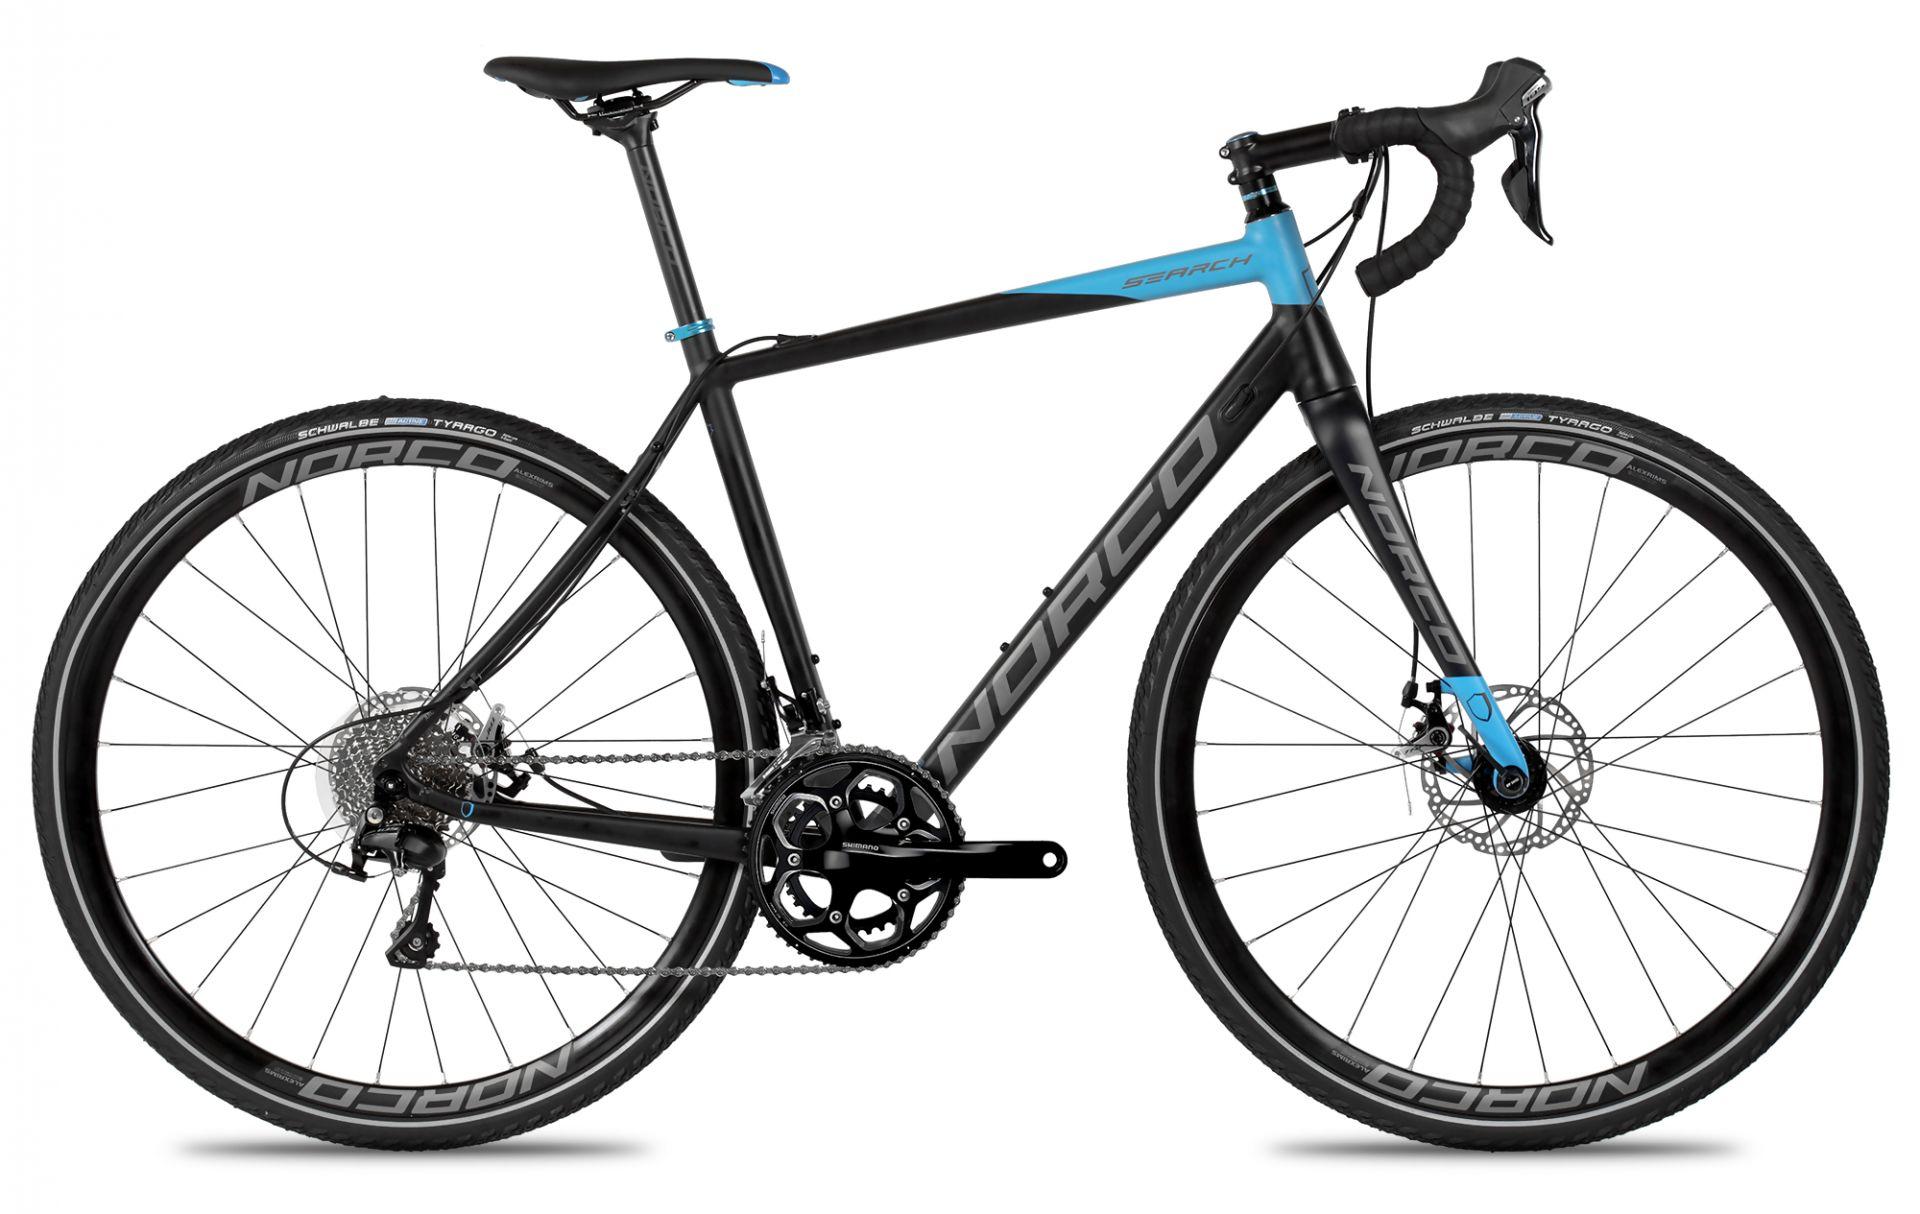 Vélo gravel Norco Search A 105 (Bleu/Noir) 2016 - 48 cm